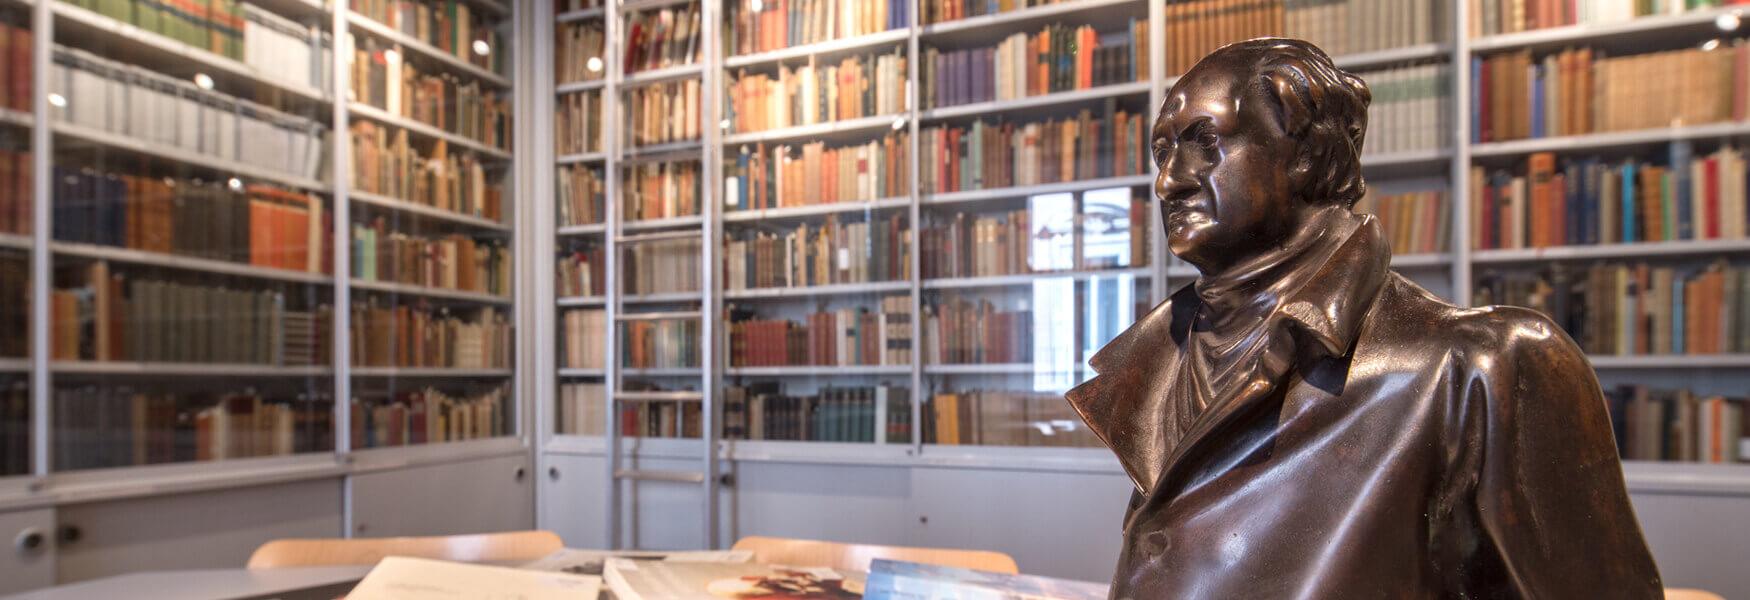 Goethe Spezialbibliothek